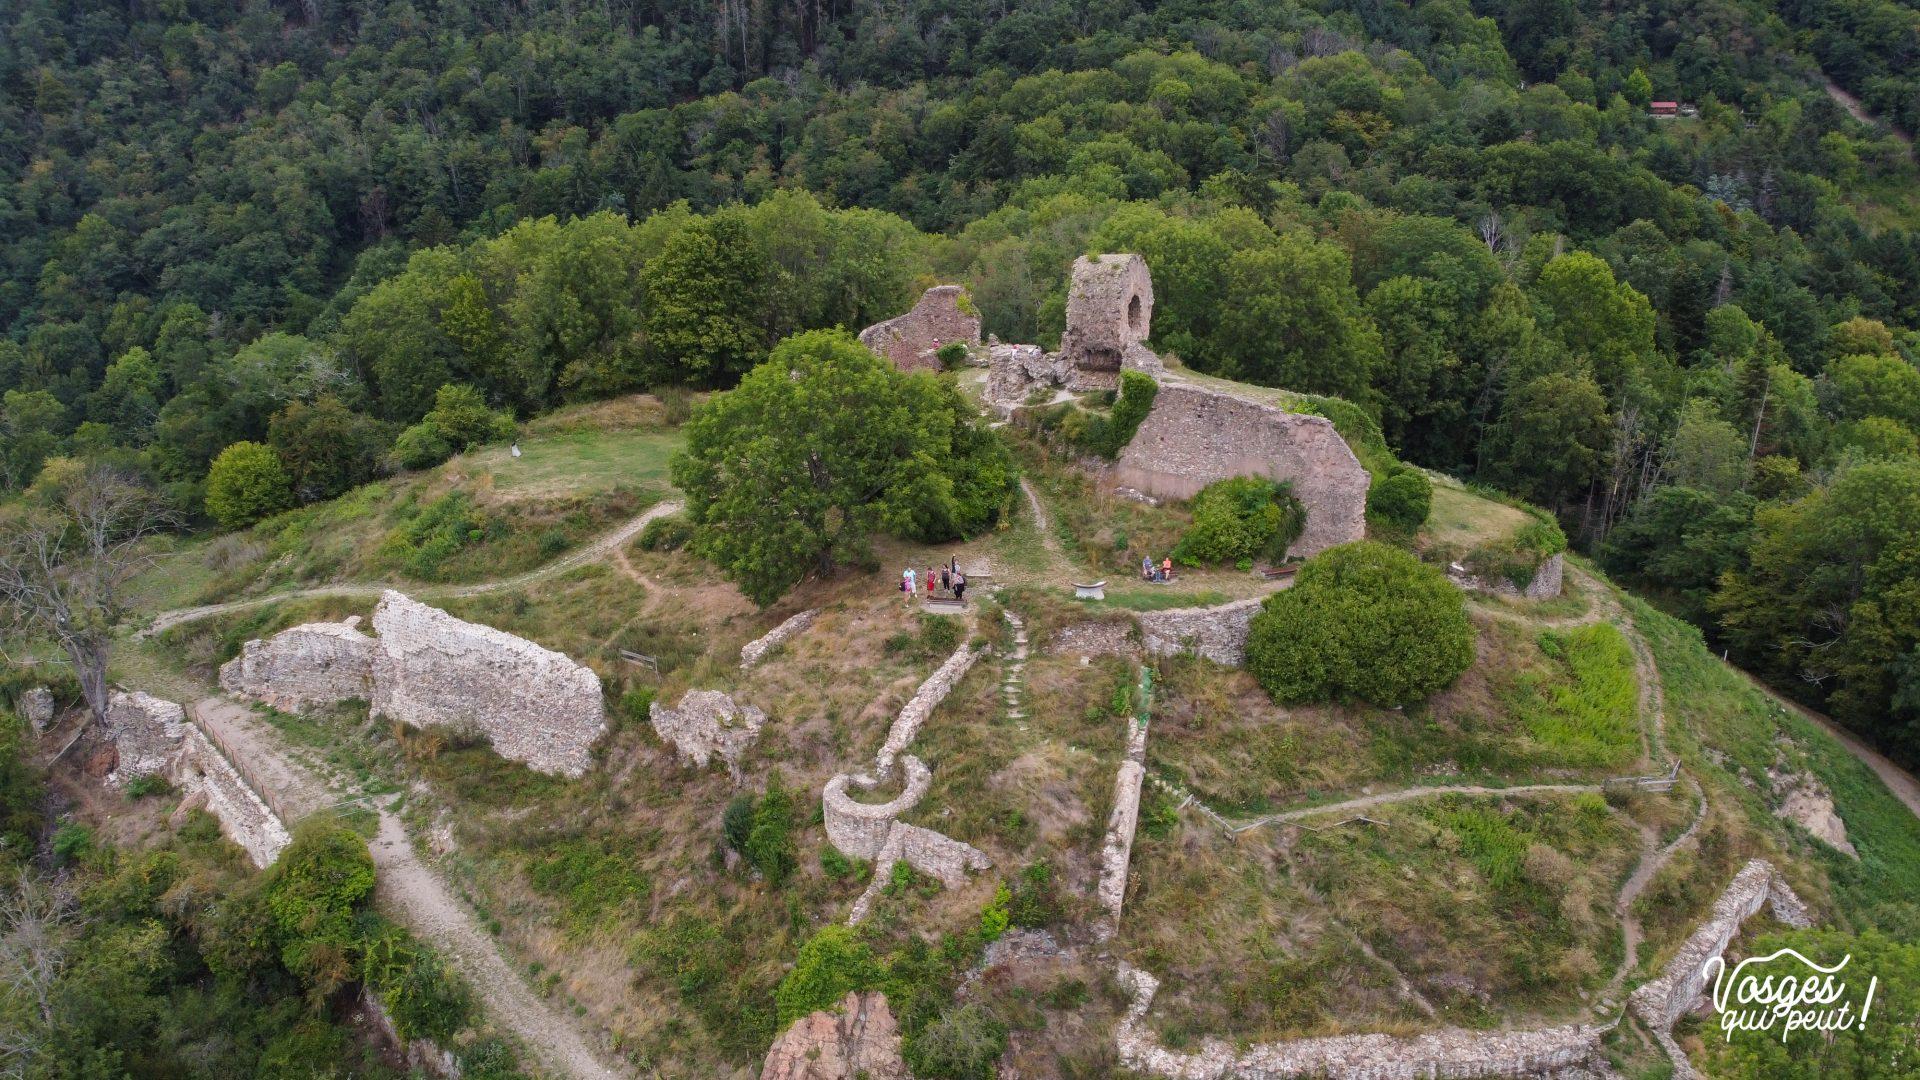 Vue aérienne du château de l'Engelbourg à Thann en Alsace